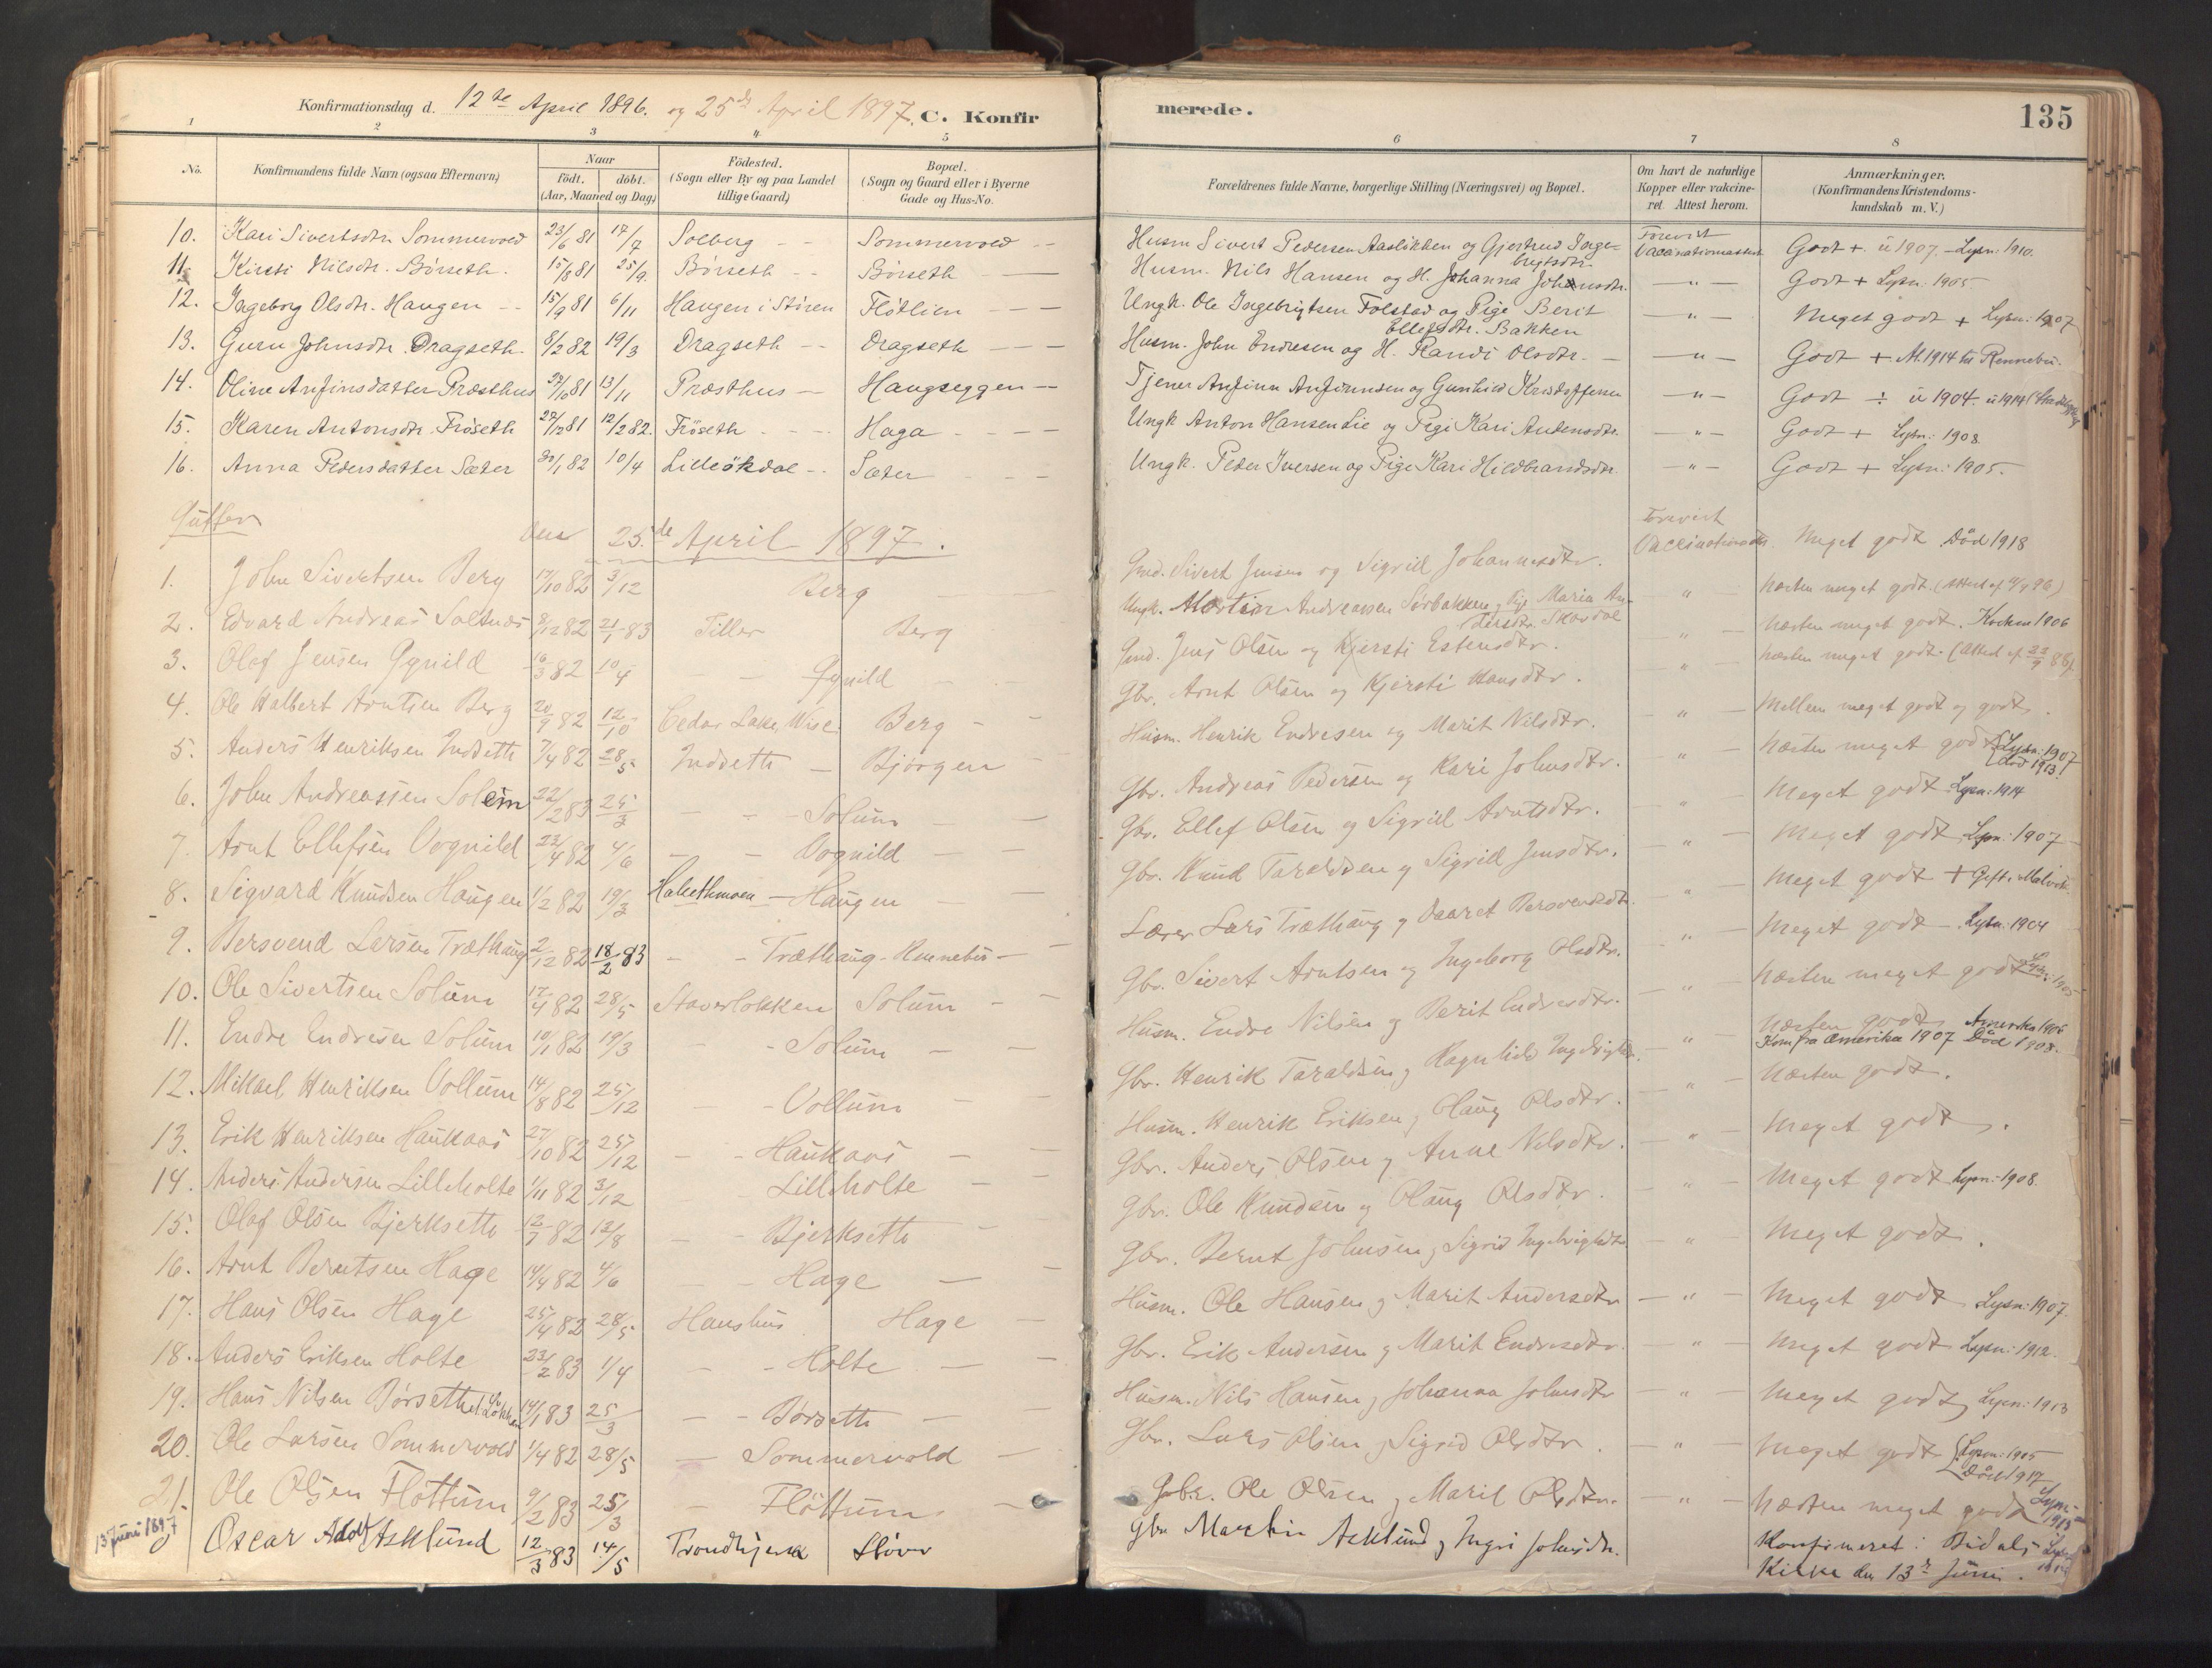 SAT, Ministerialprotokoller, klokkerbøker og fødselsregistre - Sør-Trøndelag, 689/L1041: Ministerialbok nr. 689A06, 1891-1923, s. 135